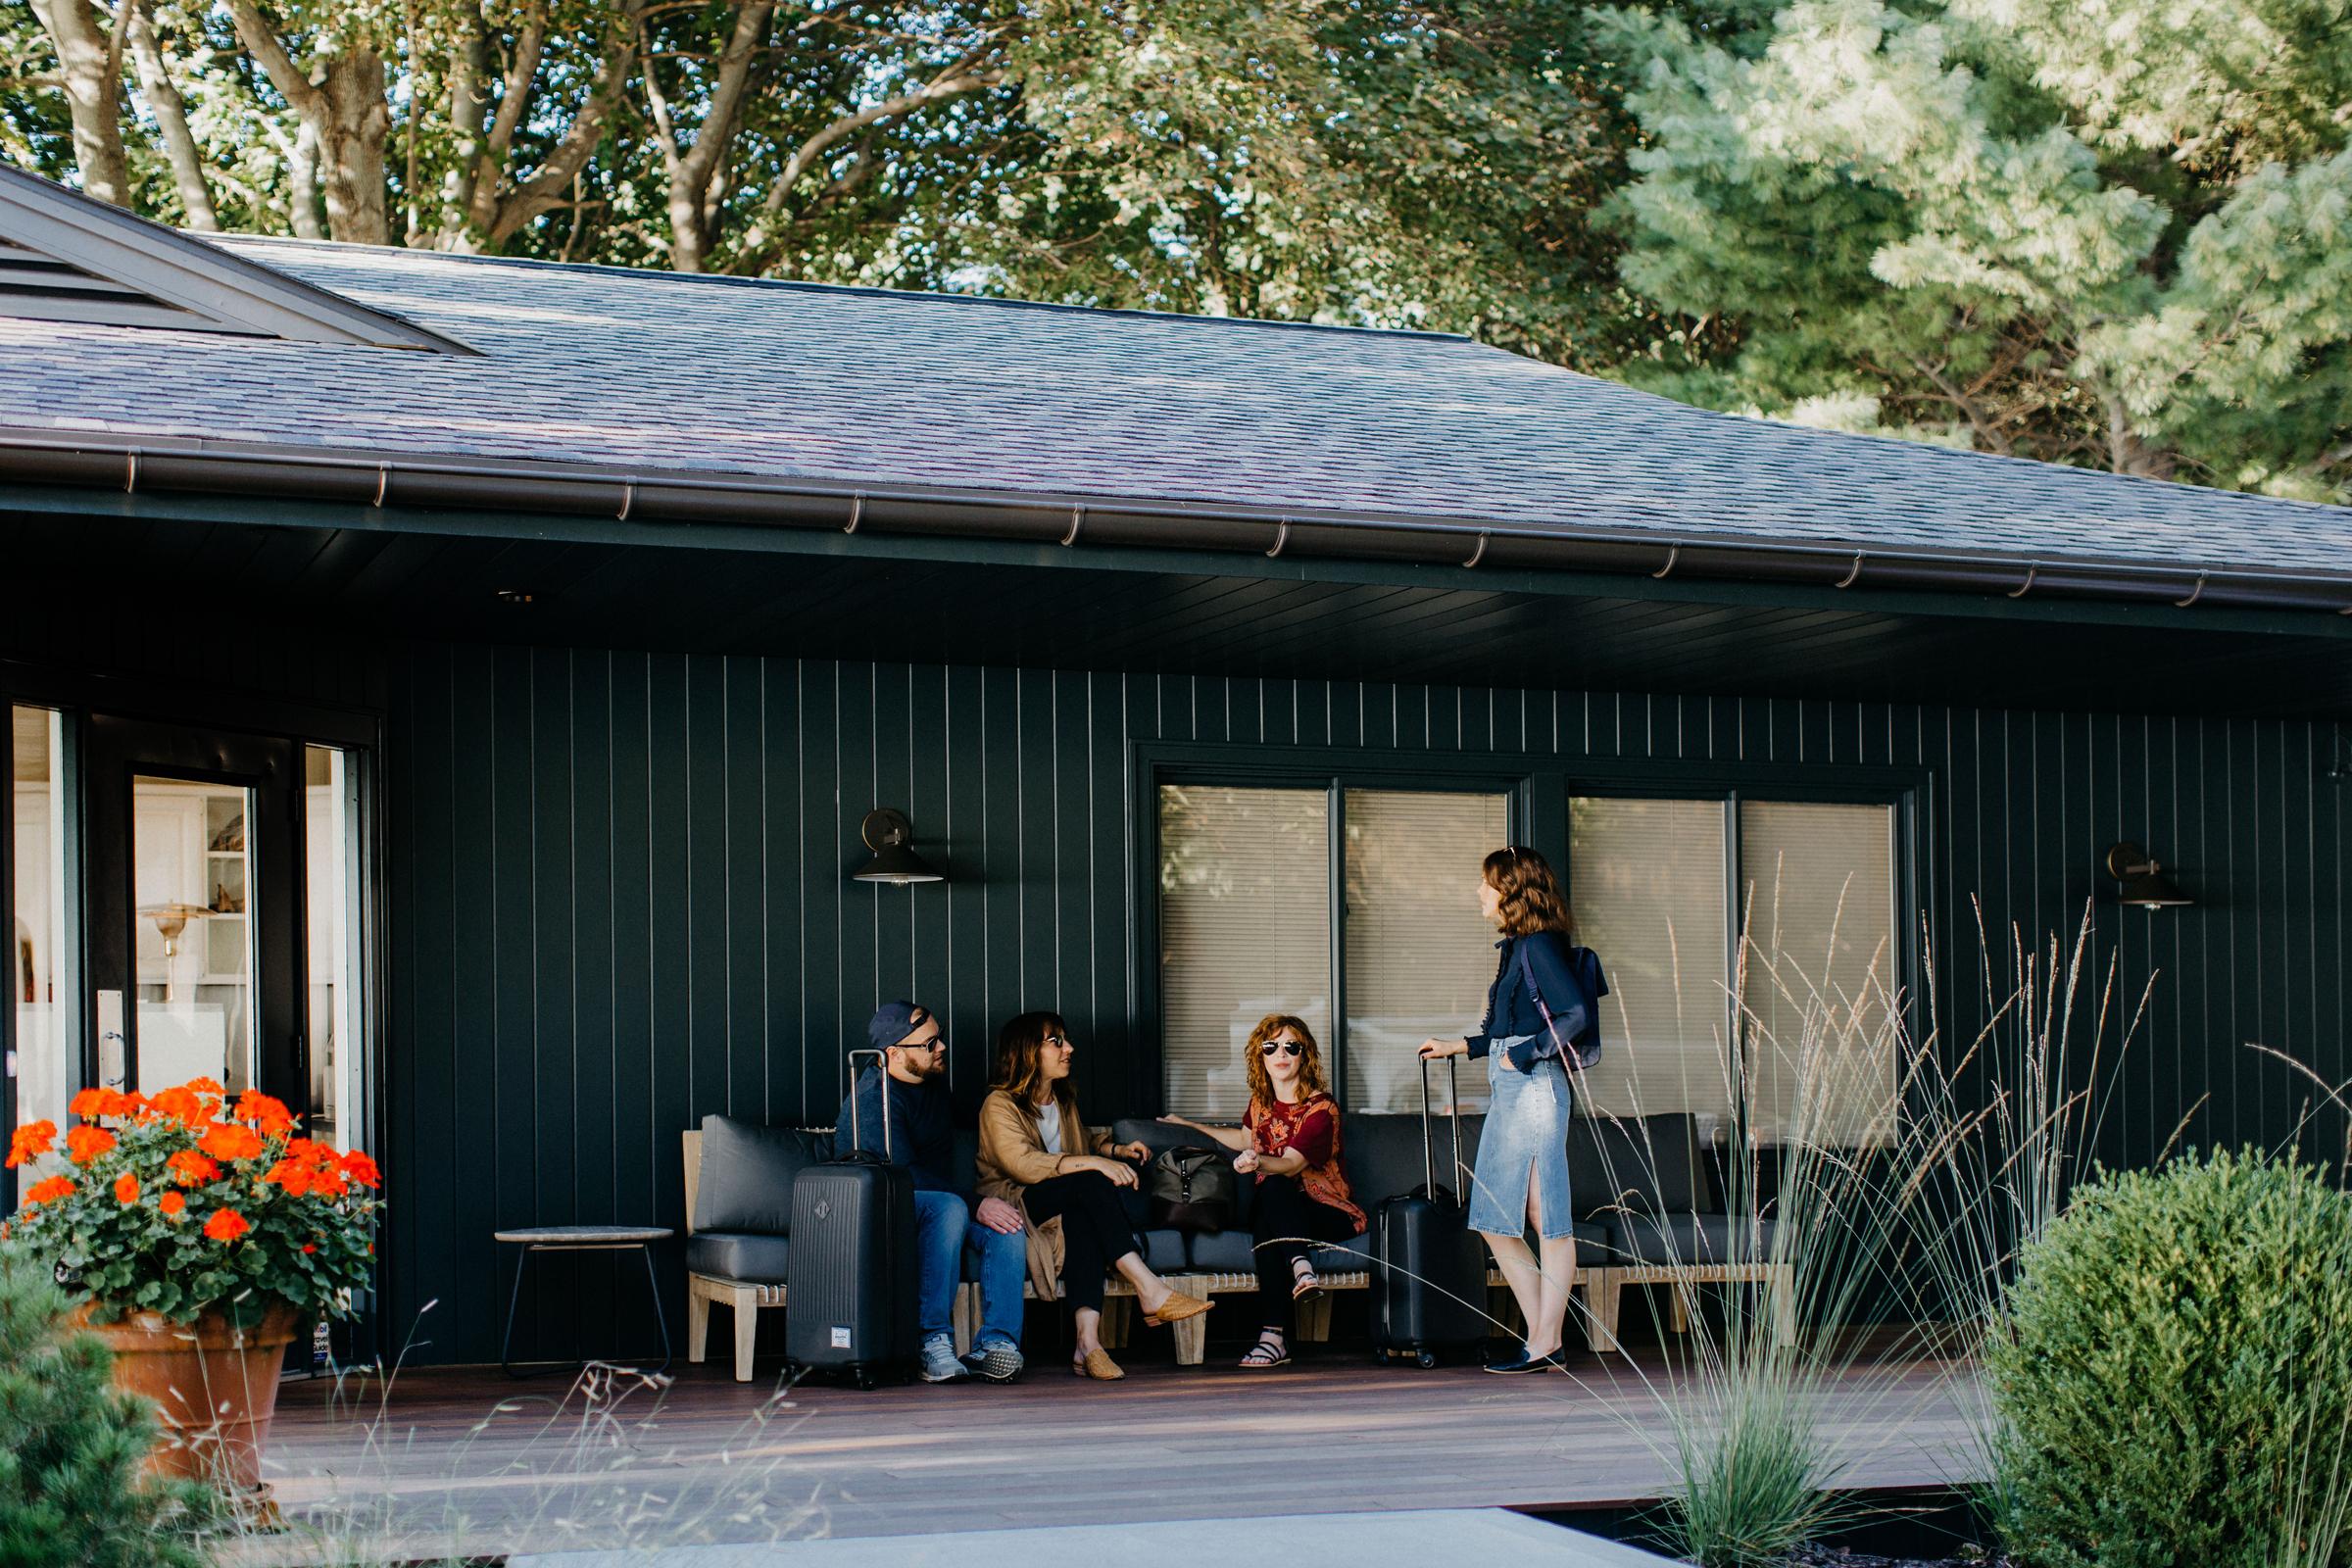 LakeShoreResort_Saugatuck_Motel.jpg